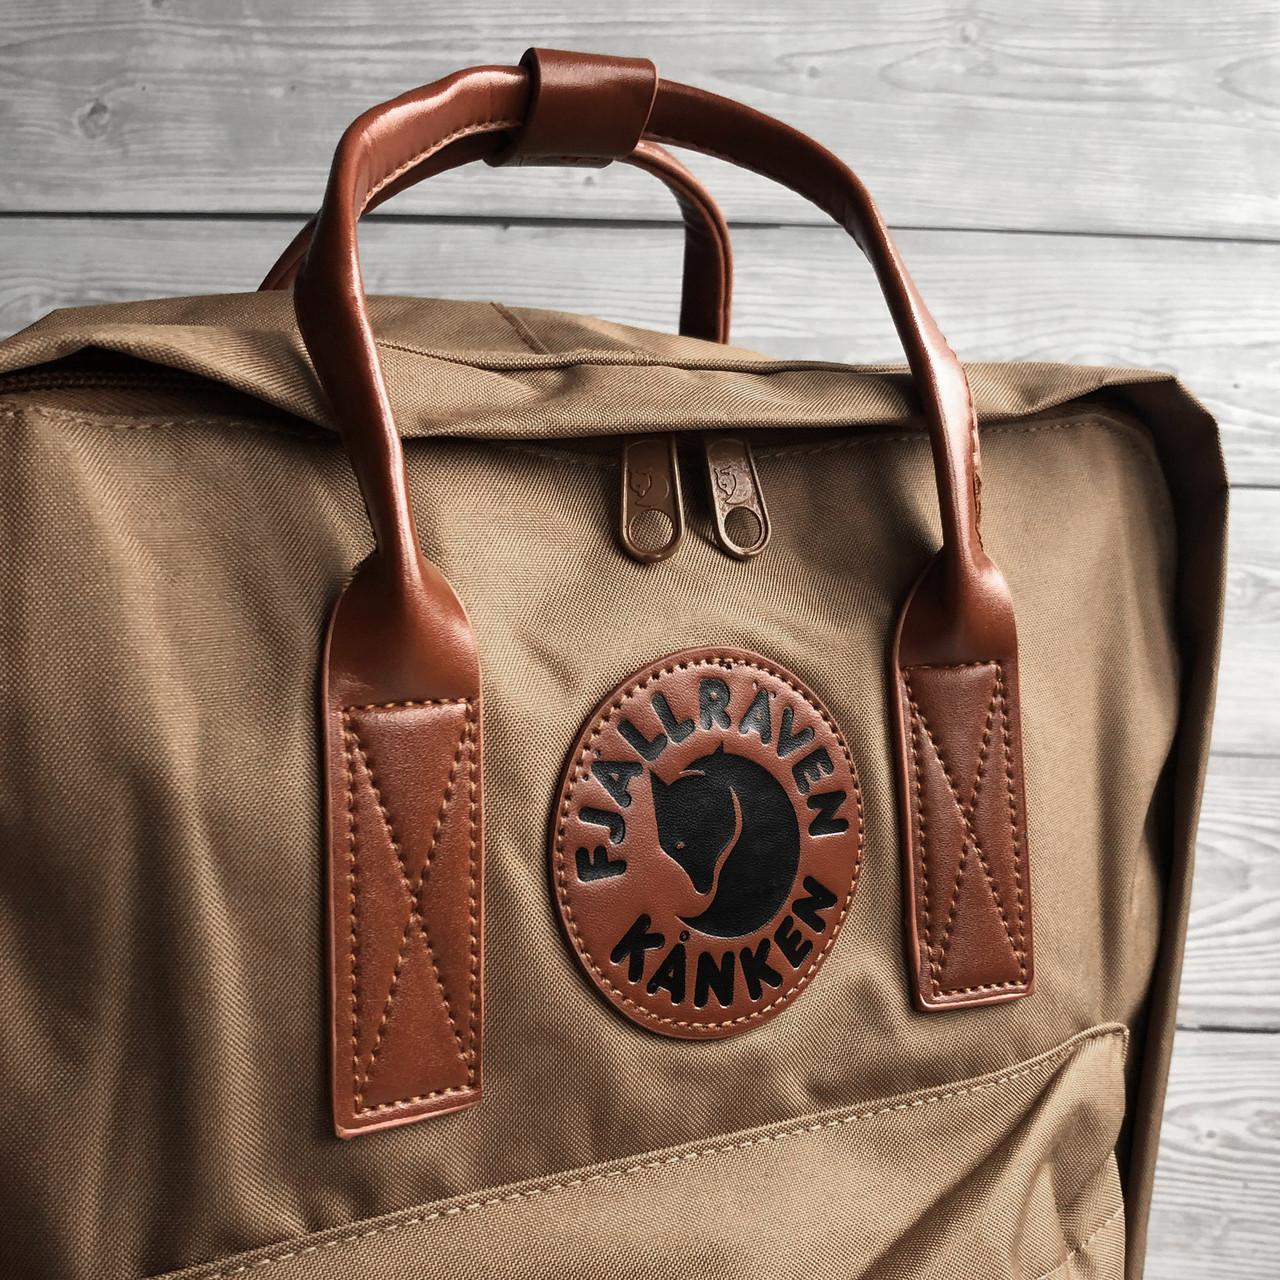 Рюкзак сумка канкен Fjallraven Kanken №2 темный беж (св.коричневый) с коричневыми ручками женский, для девочки